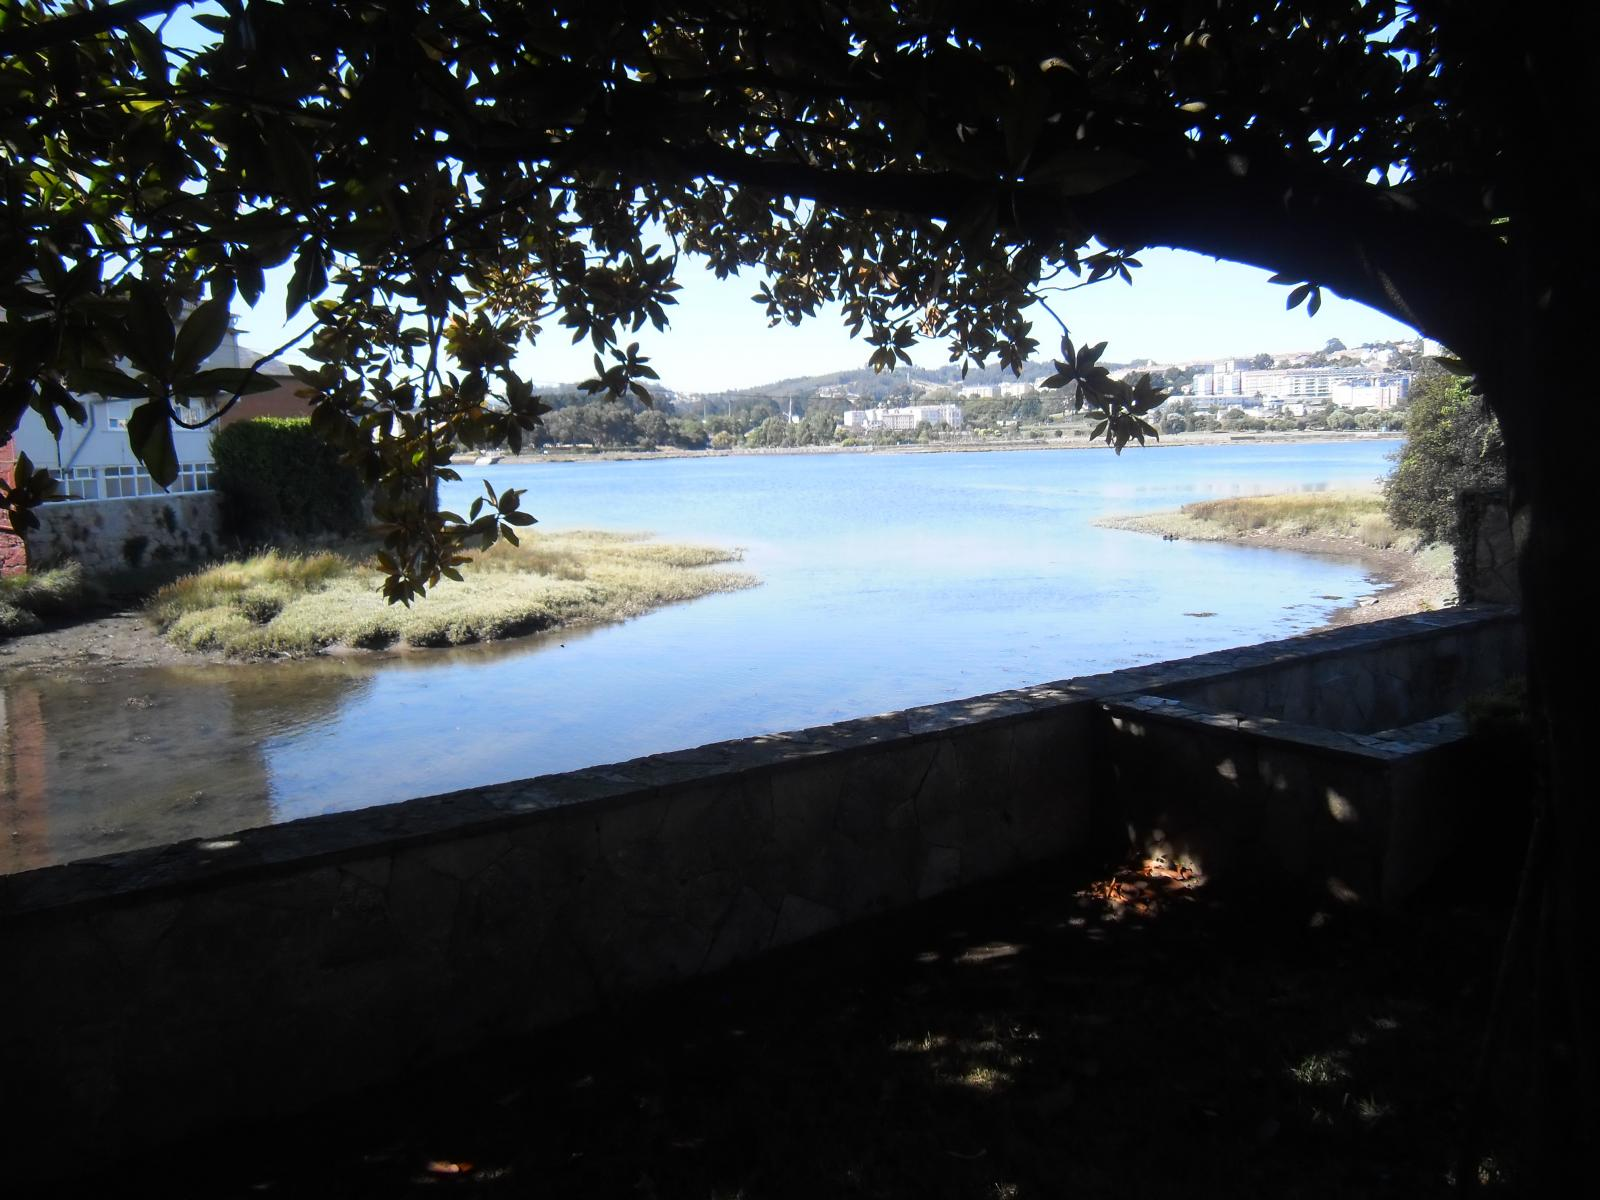 Foto 2 - Chalet independiente en venta en Oleiros, Ref: 1825929